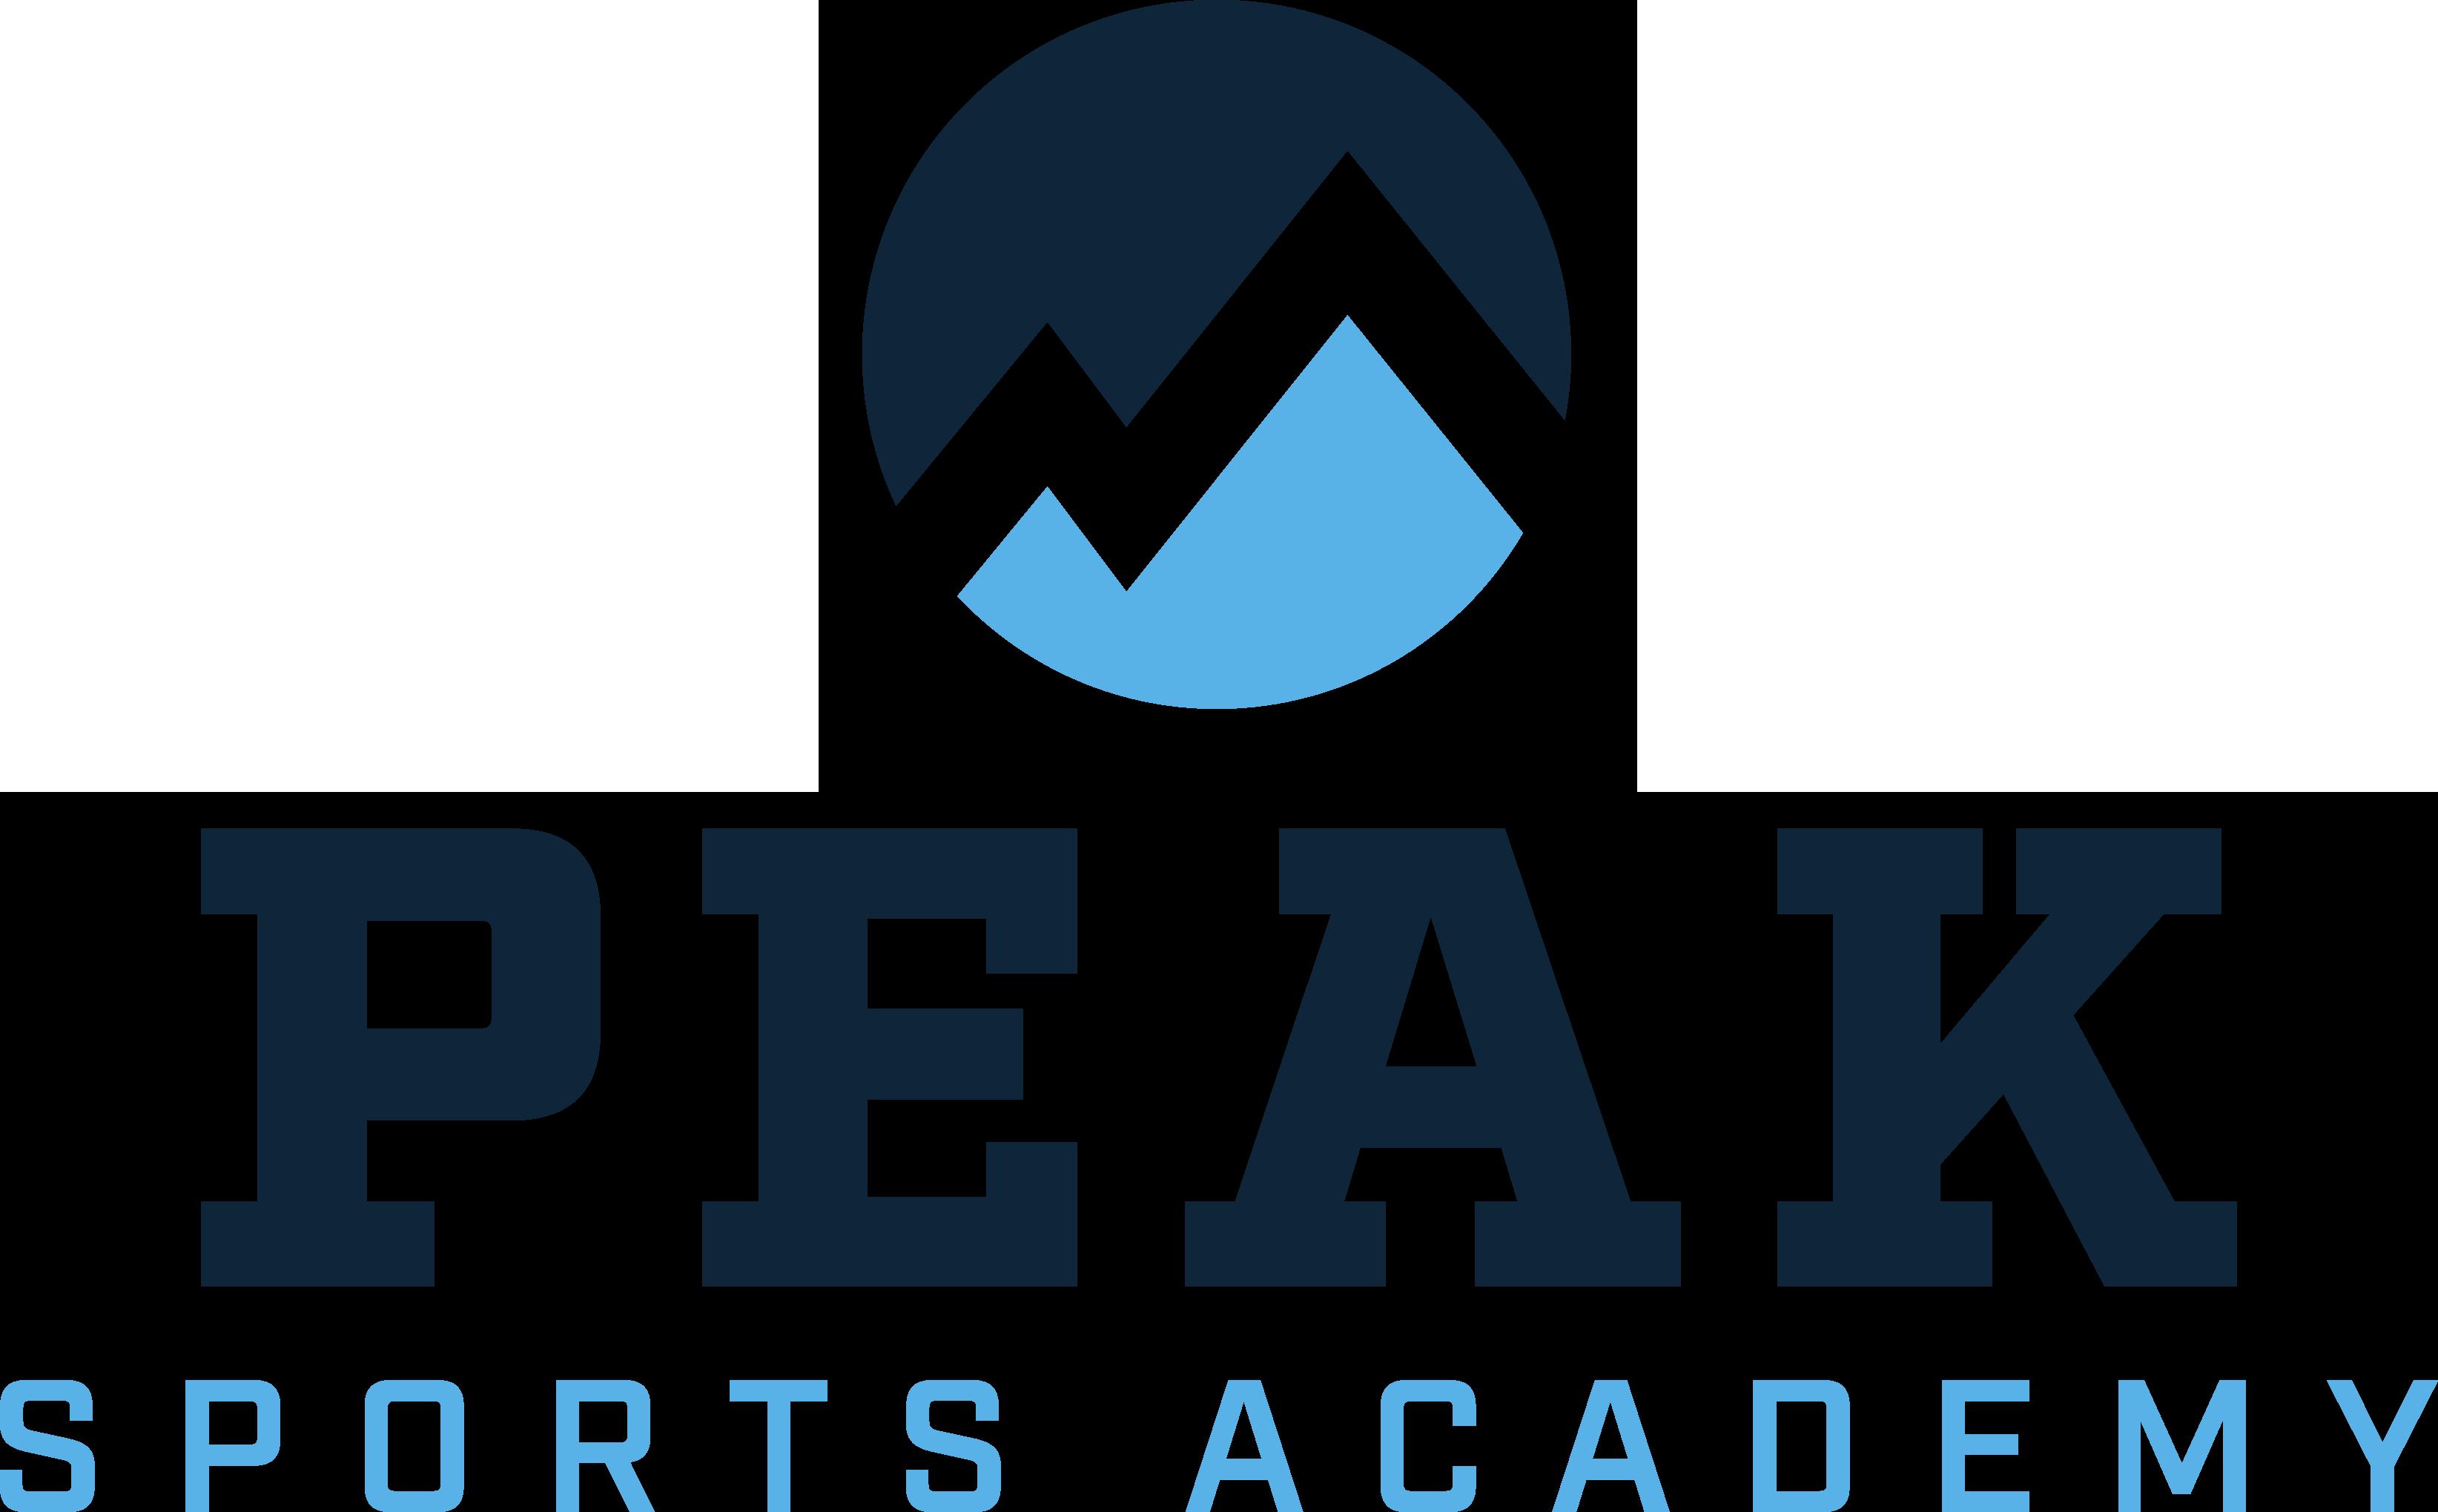 PeakSportsAcademy_LogoConcept